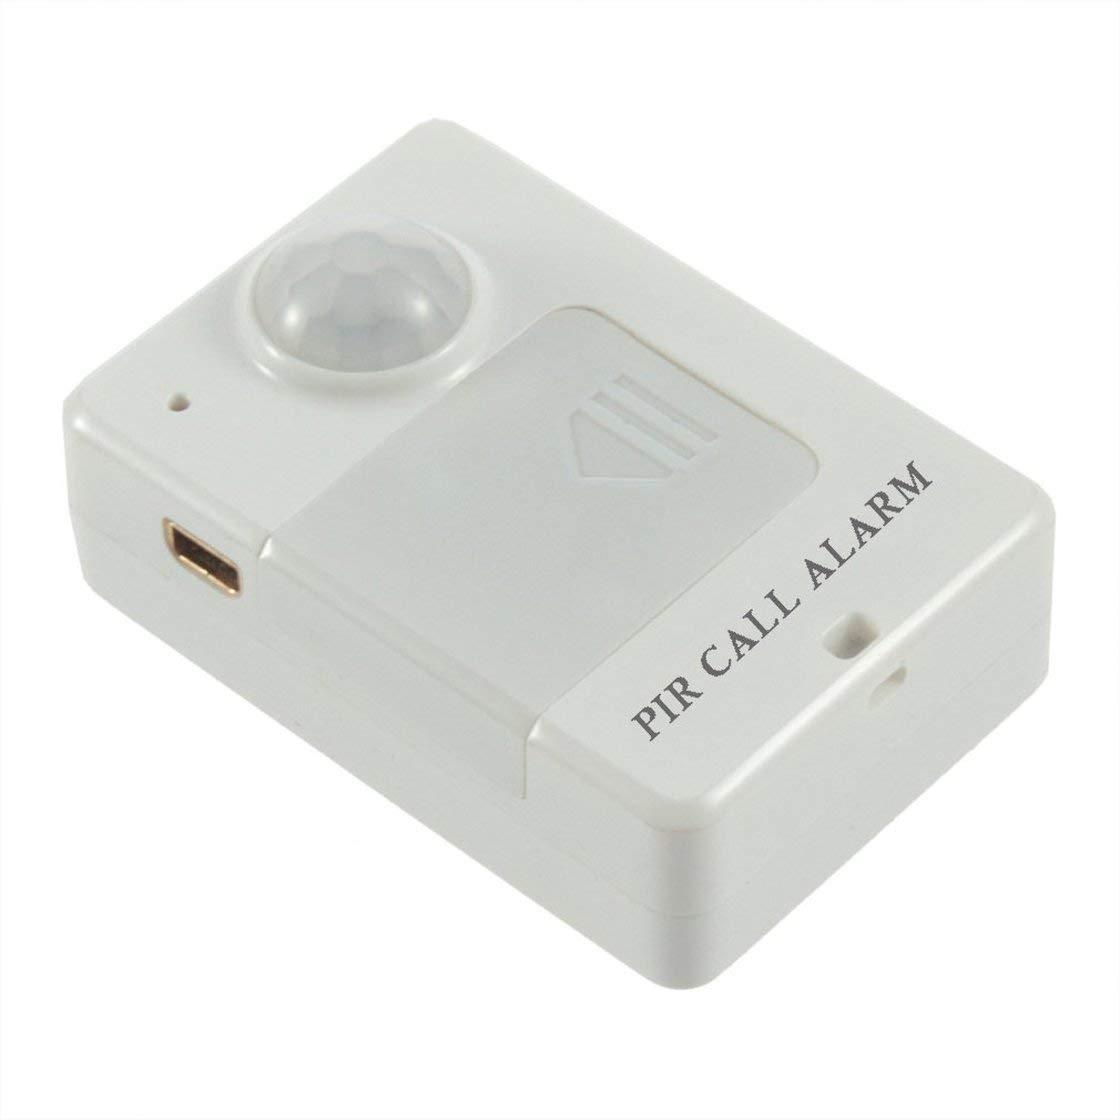 Mini PIR Sensor de alerta Infrarrojo GSM Monitor de alarma inalámbrico Detección de movimiento Venta caliente Detector de movimiento antirrobo inalámbrico Laurelmartina